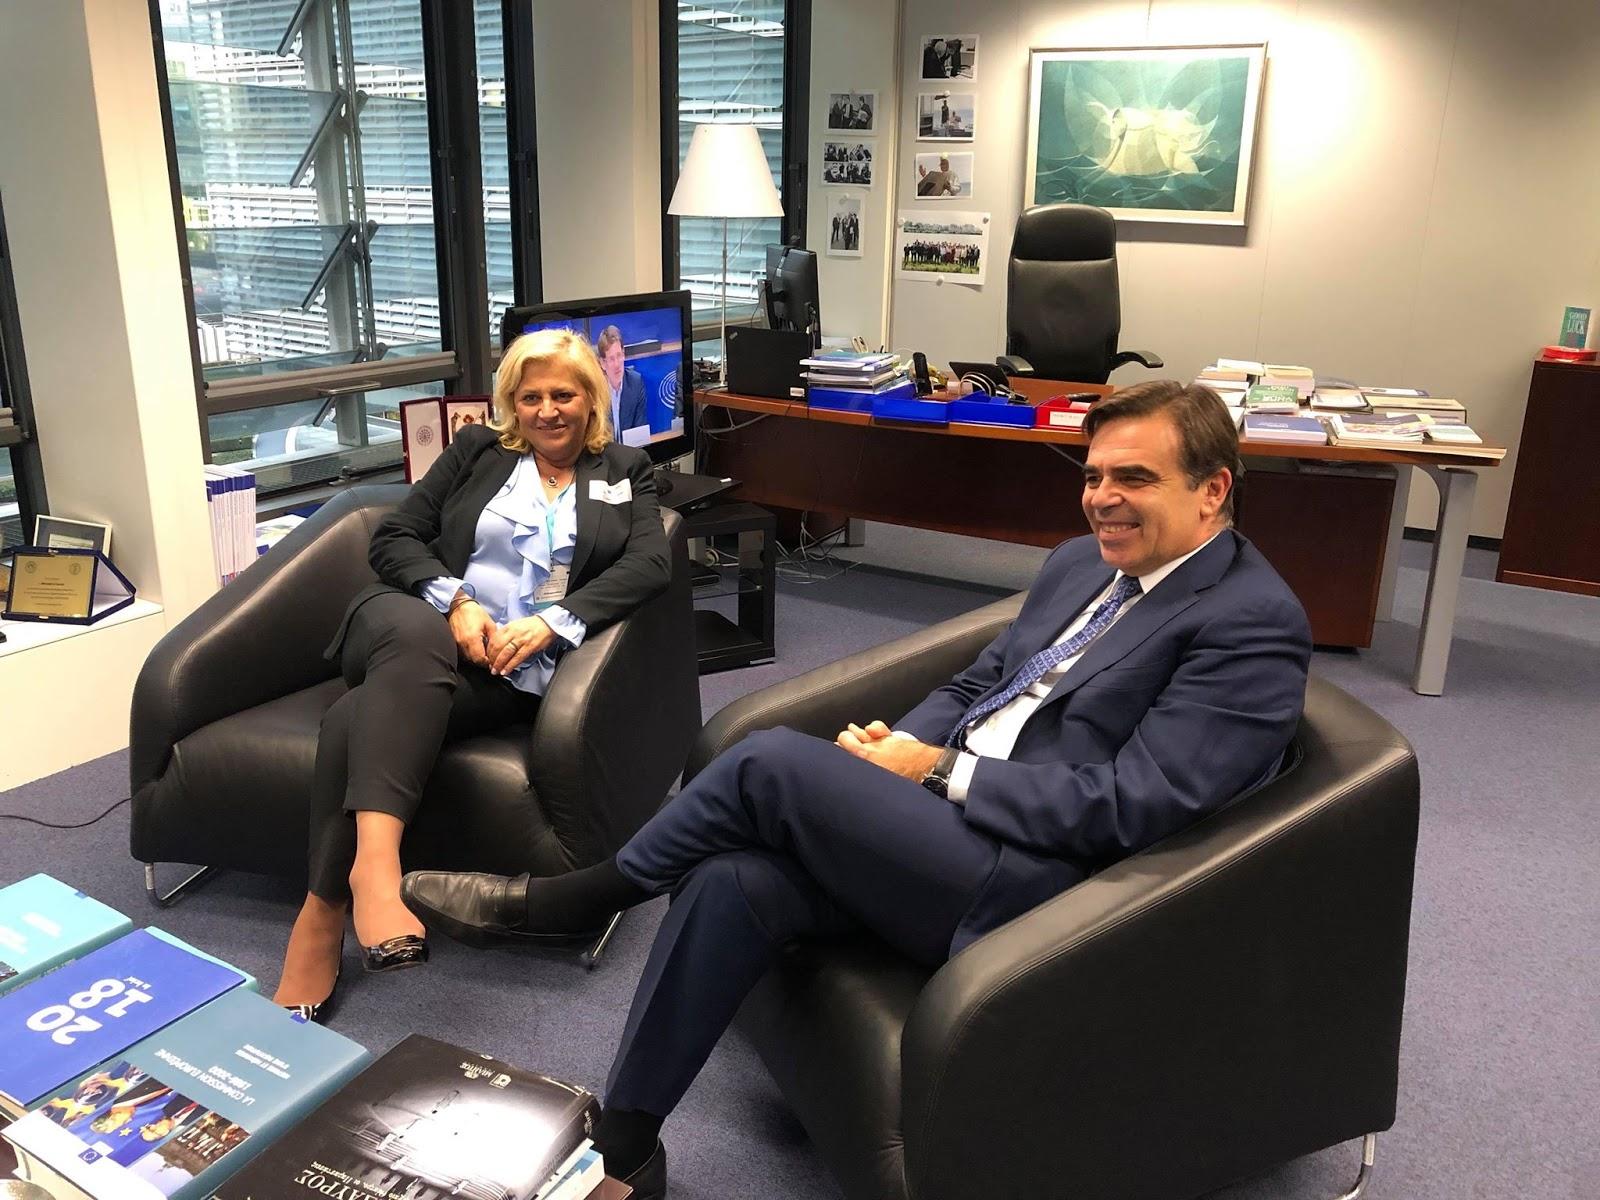 Συνάντηση με τον Έλληνα Επίτροπο Μαργαρίτη Σχοινά